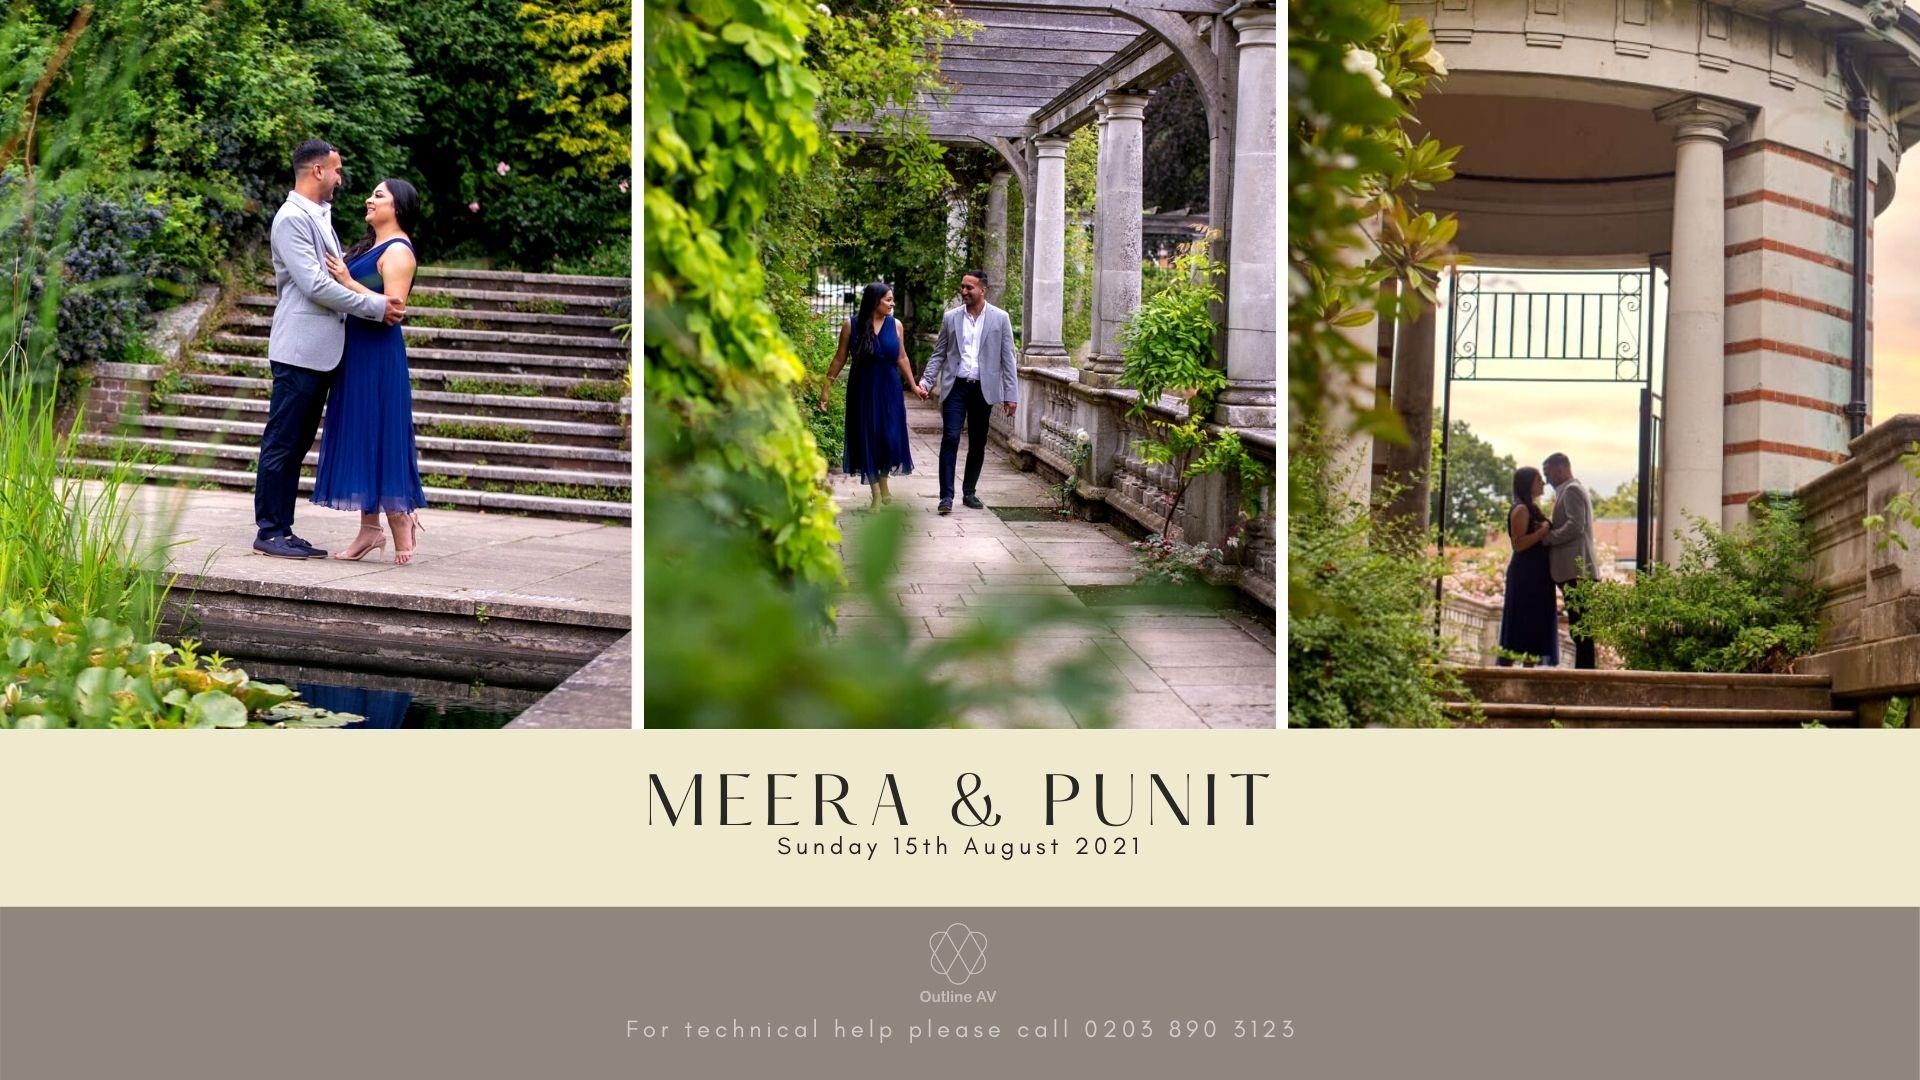 Meera & Punit